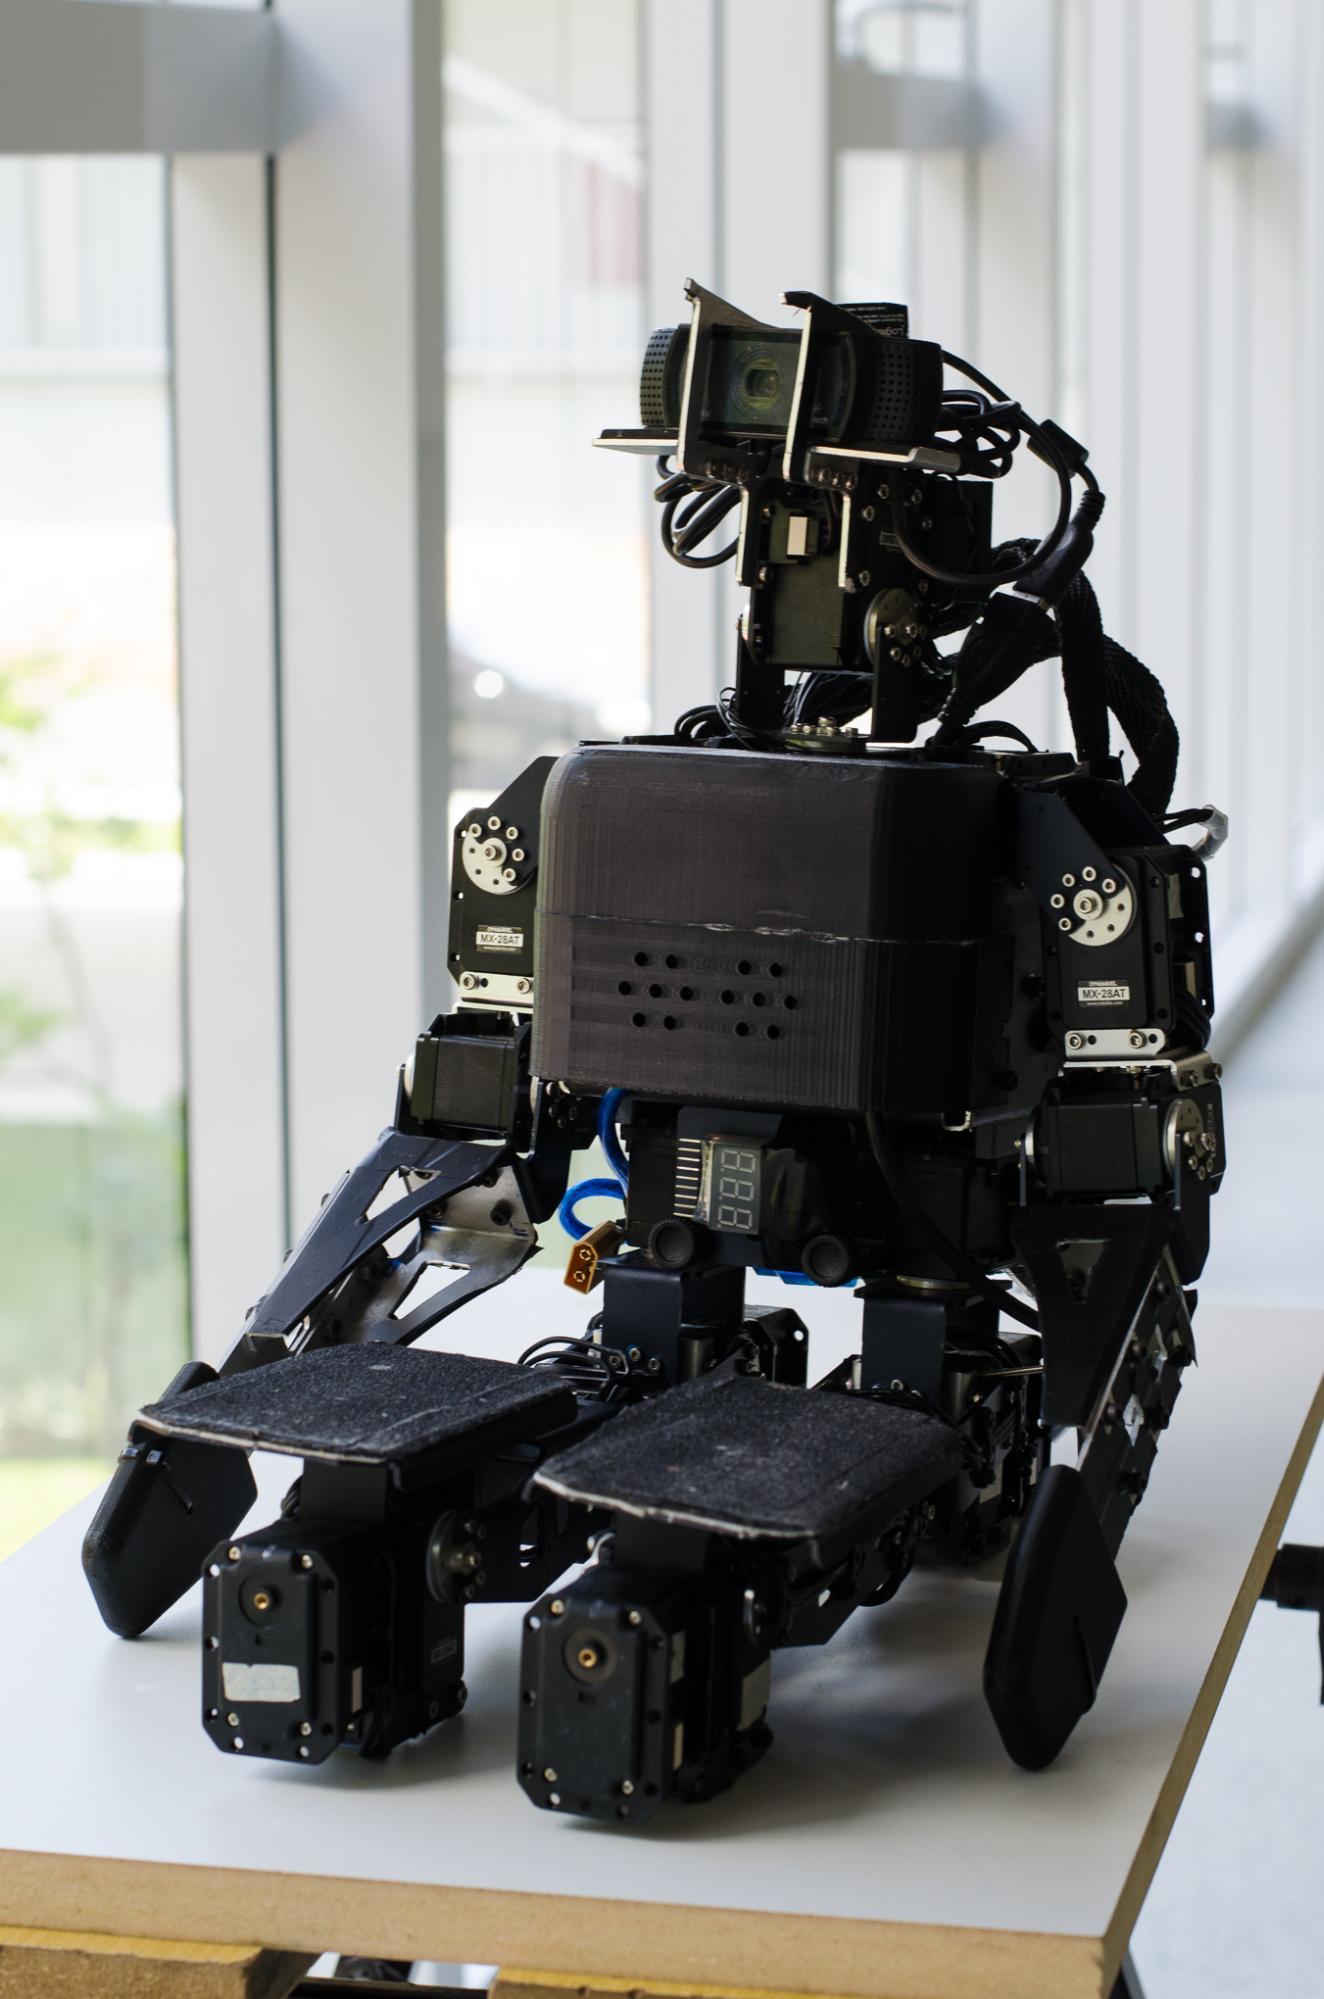 Nouveau test du robot humanoïde «Chape» entre les compétitions RoboCup